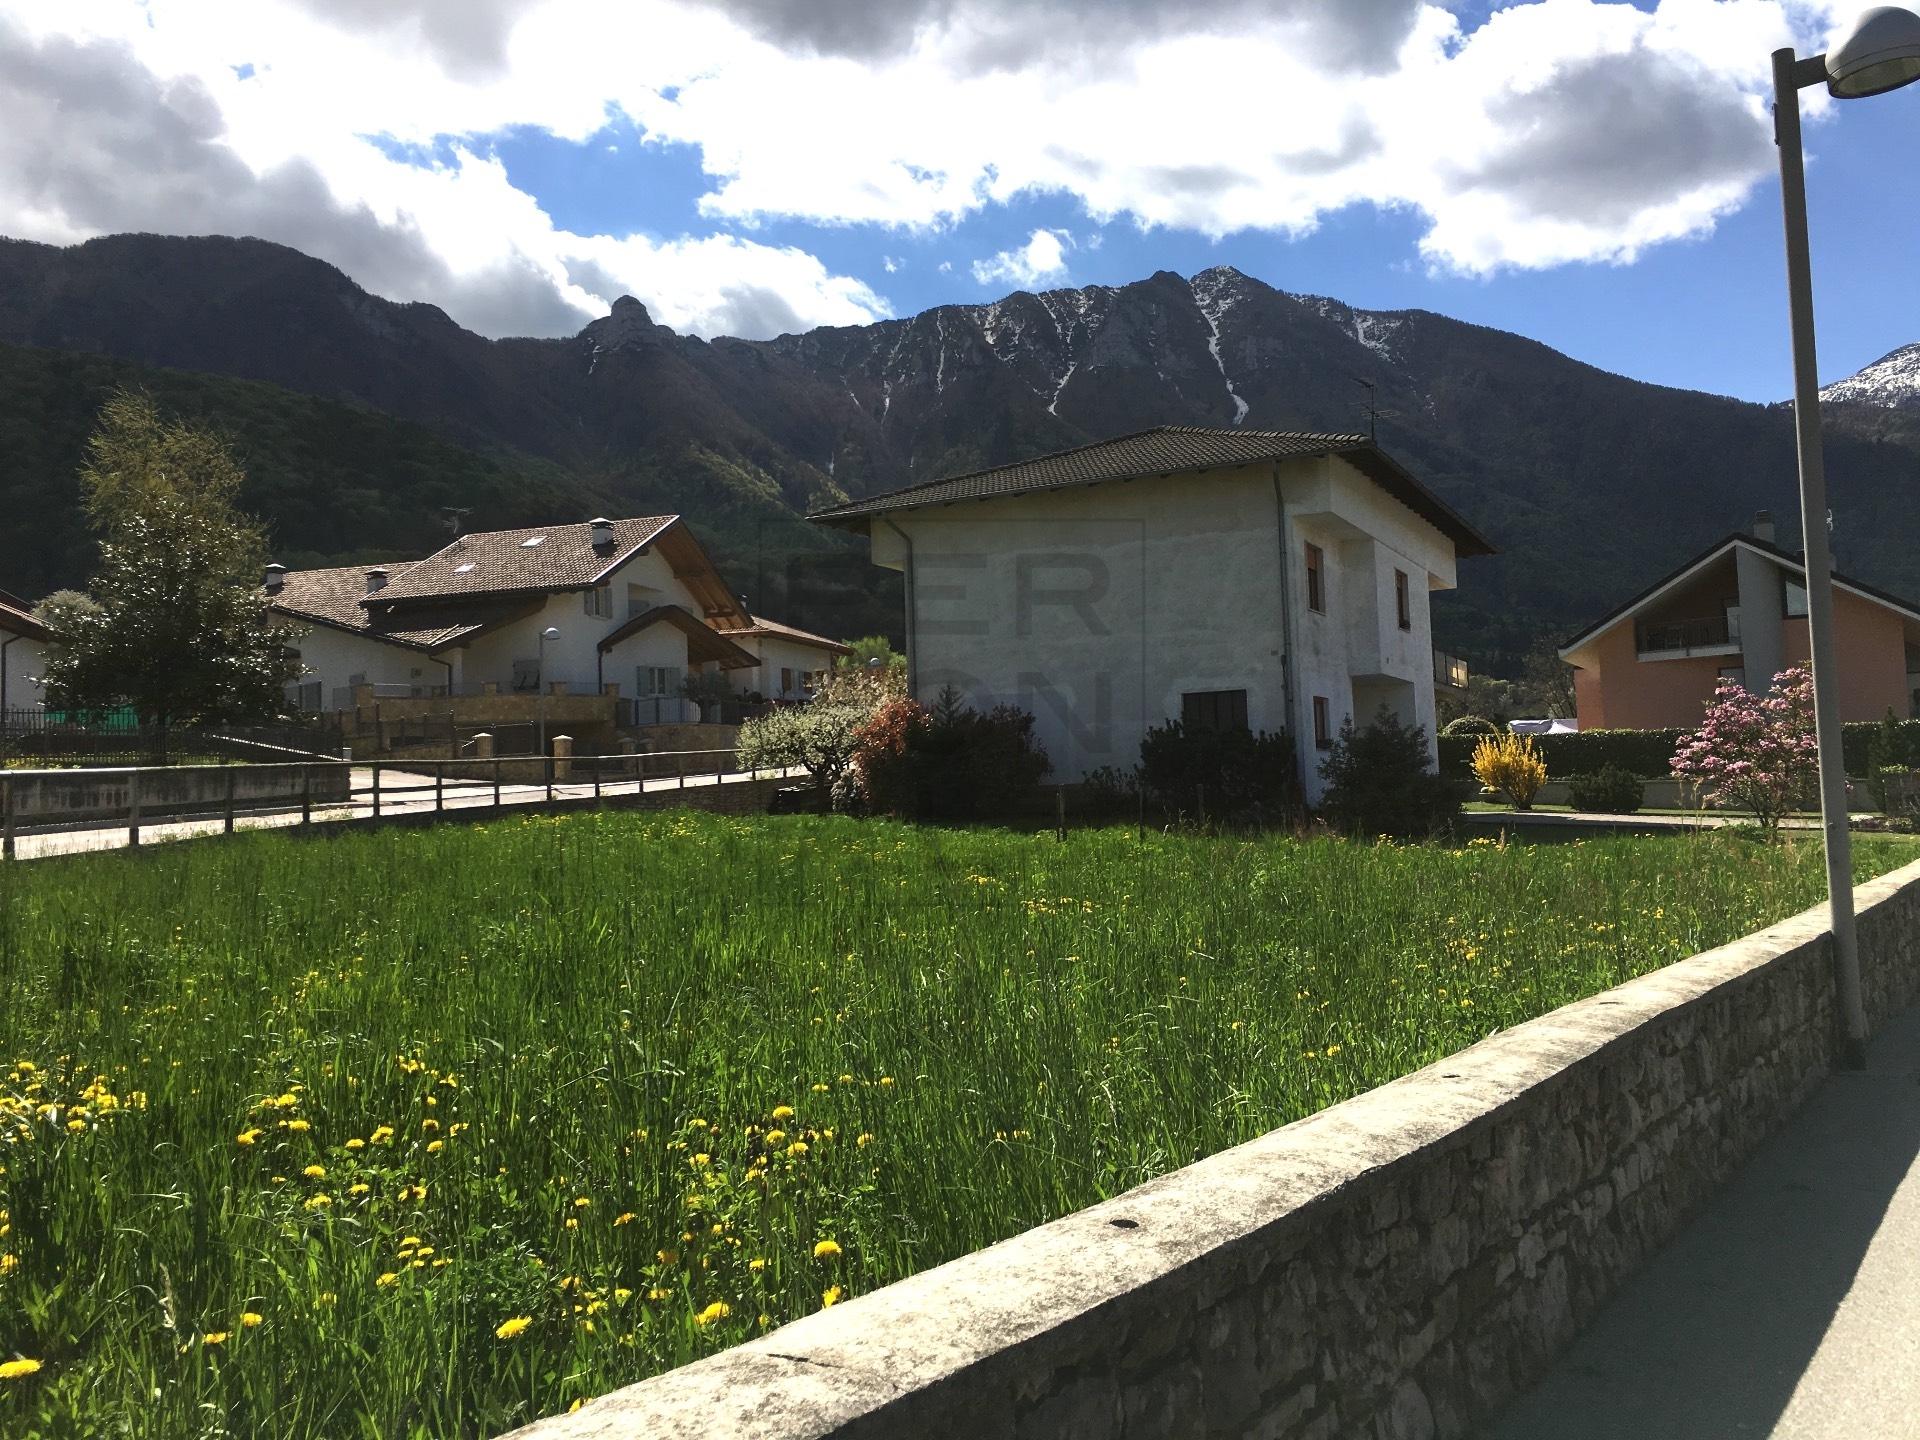 Villa in vendita a Cavedine, 10 locali, zona Località: VigoCavedine, prezzo € 330.000 | CambioCasa.it